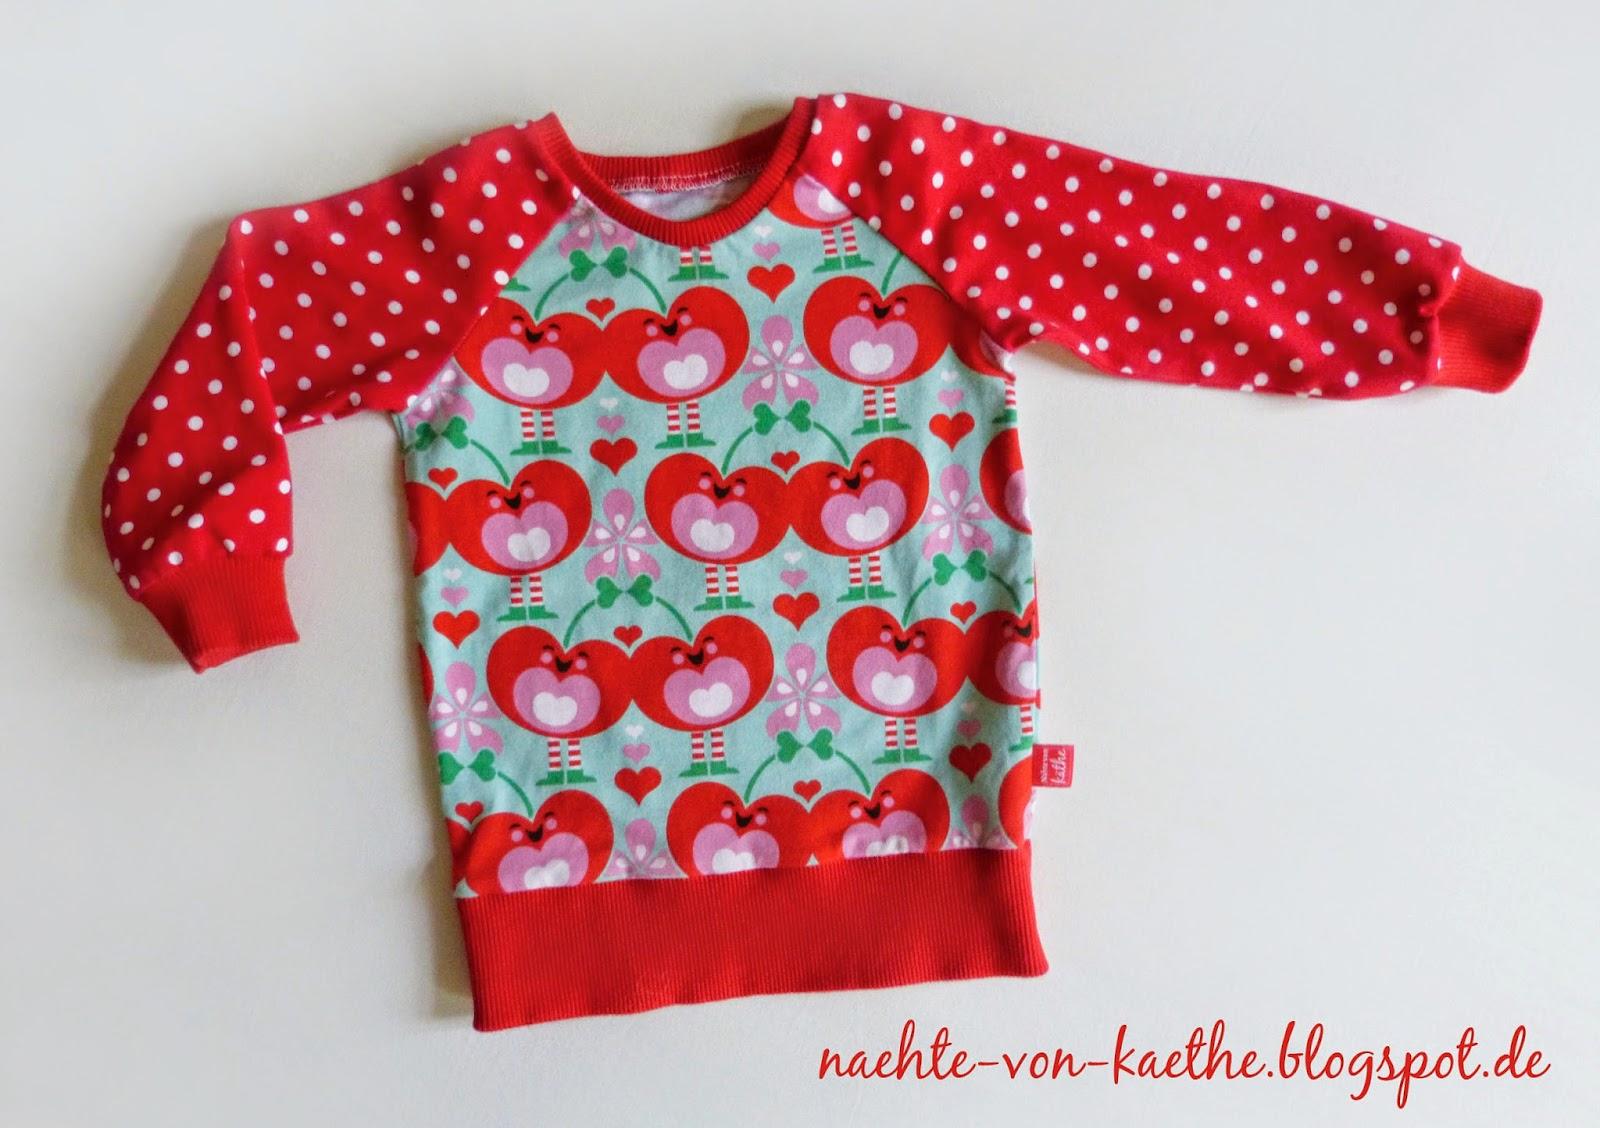 kinder shirt schnittmuster kostenlos